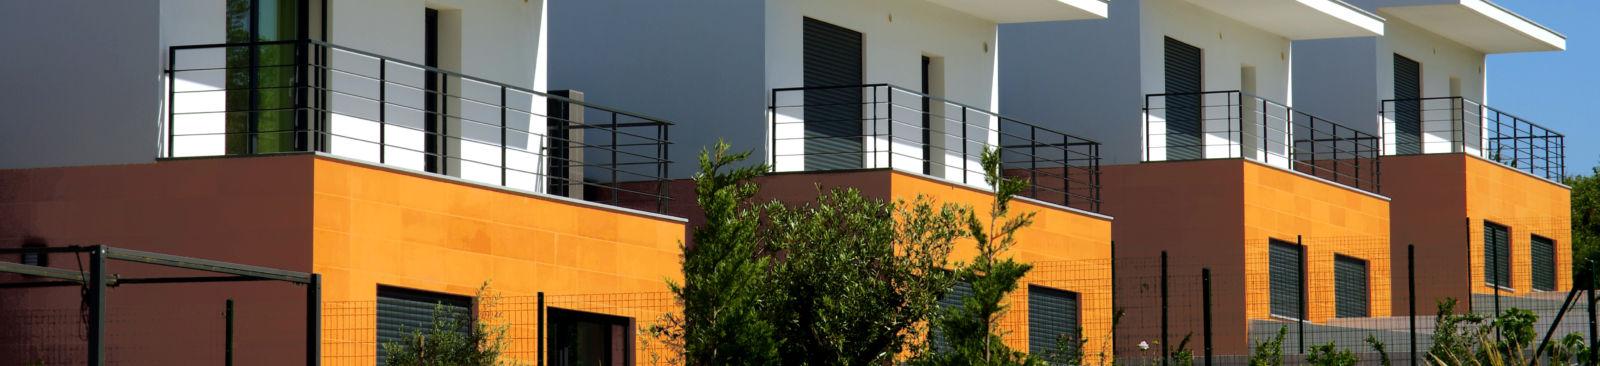 Immobilien Verkauf und Vermittlung CeliMar